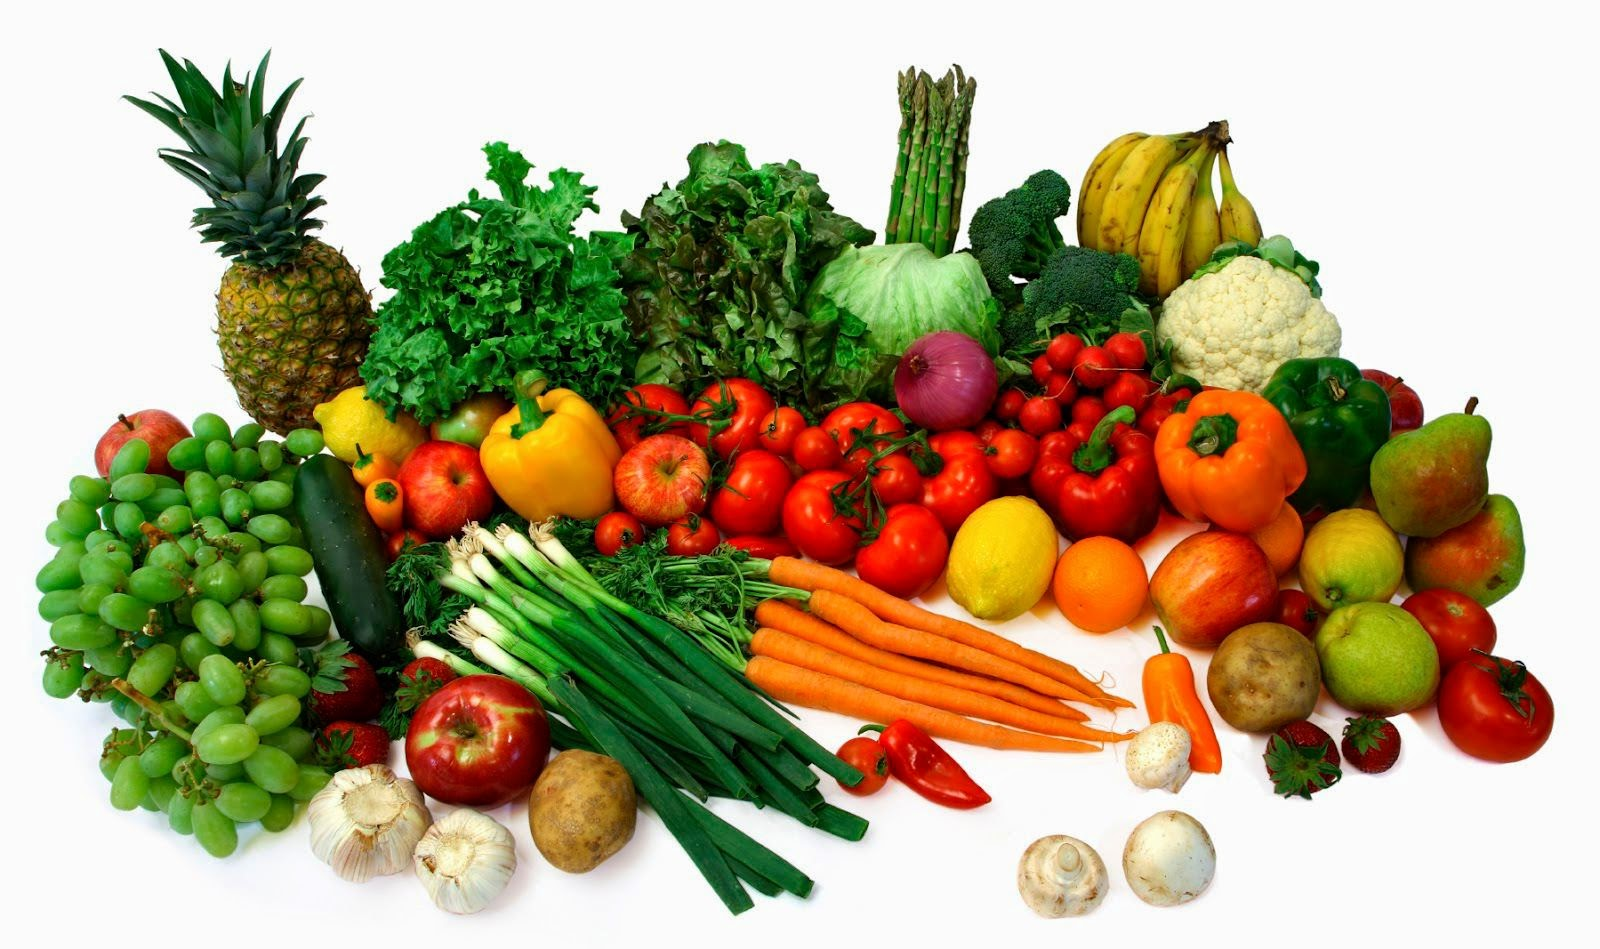 Manfaat Makan Secukupnya dan Memilih Makanan yang Tepat Bagi Kesehatan